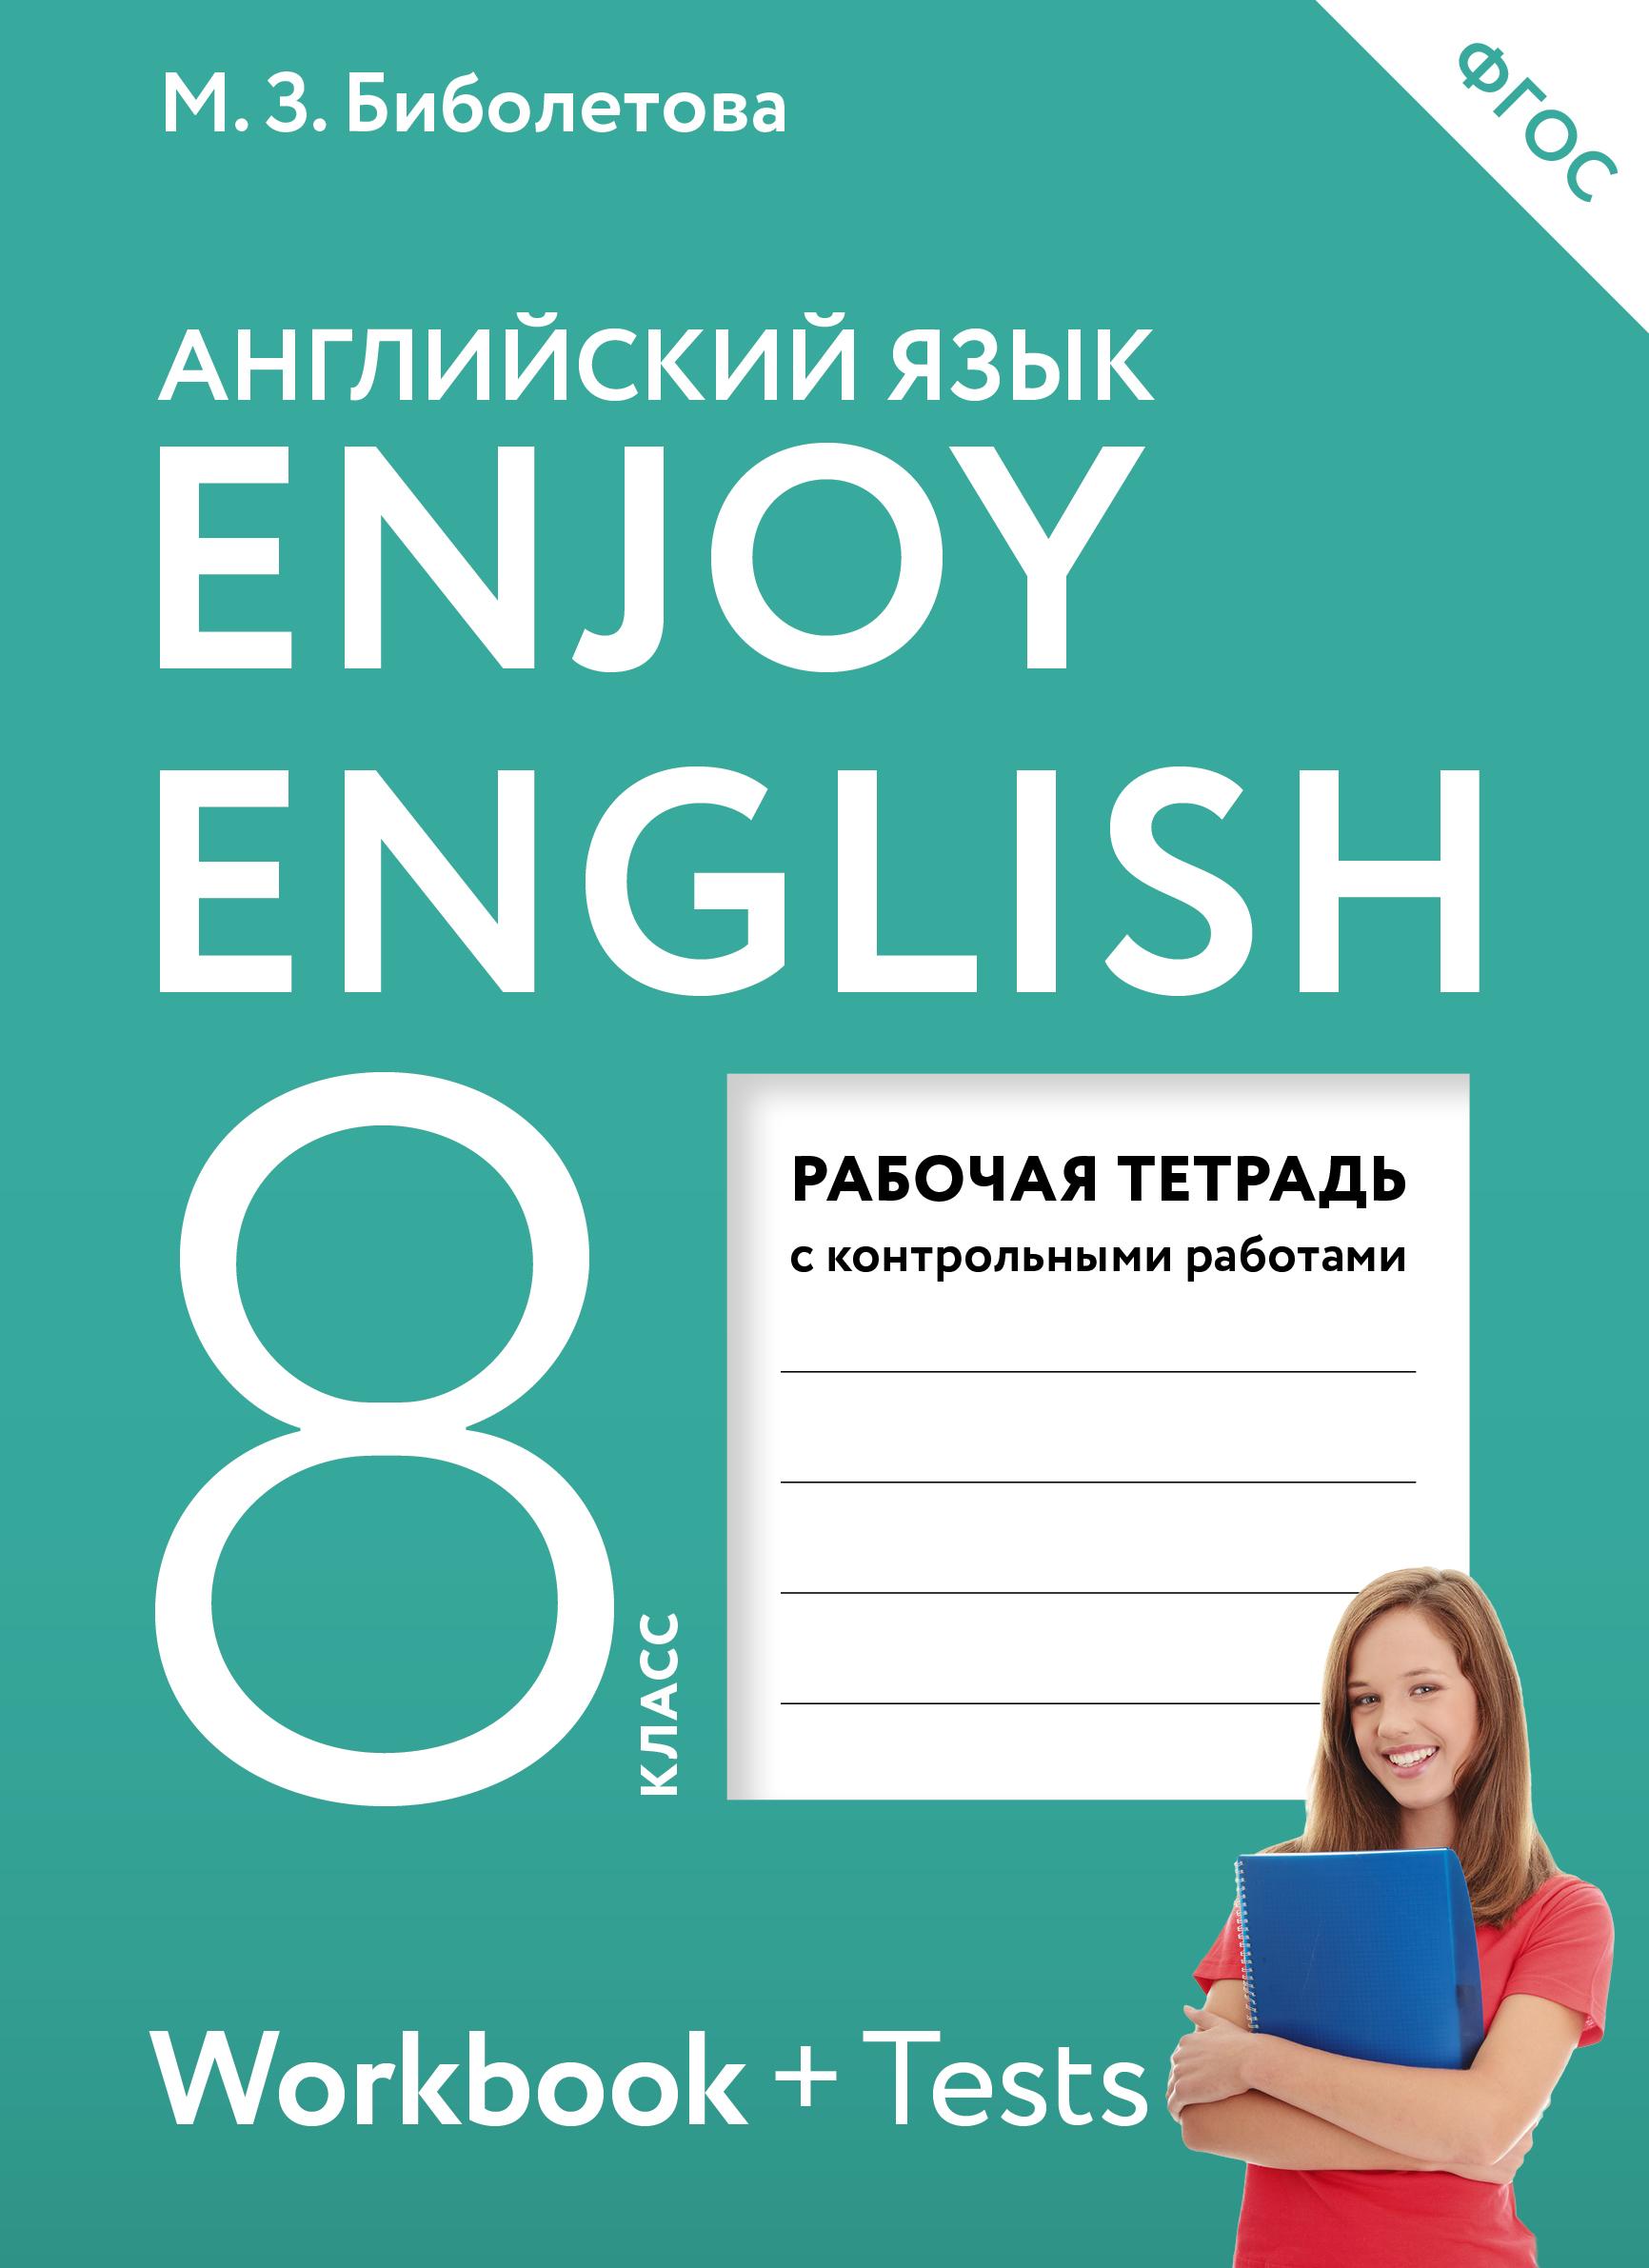 Гдз по английскому класс бабушис биболетова enjoy english